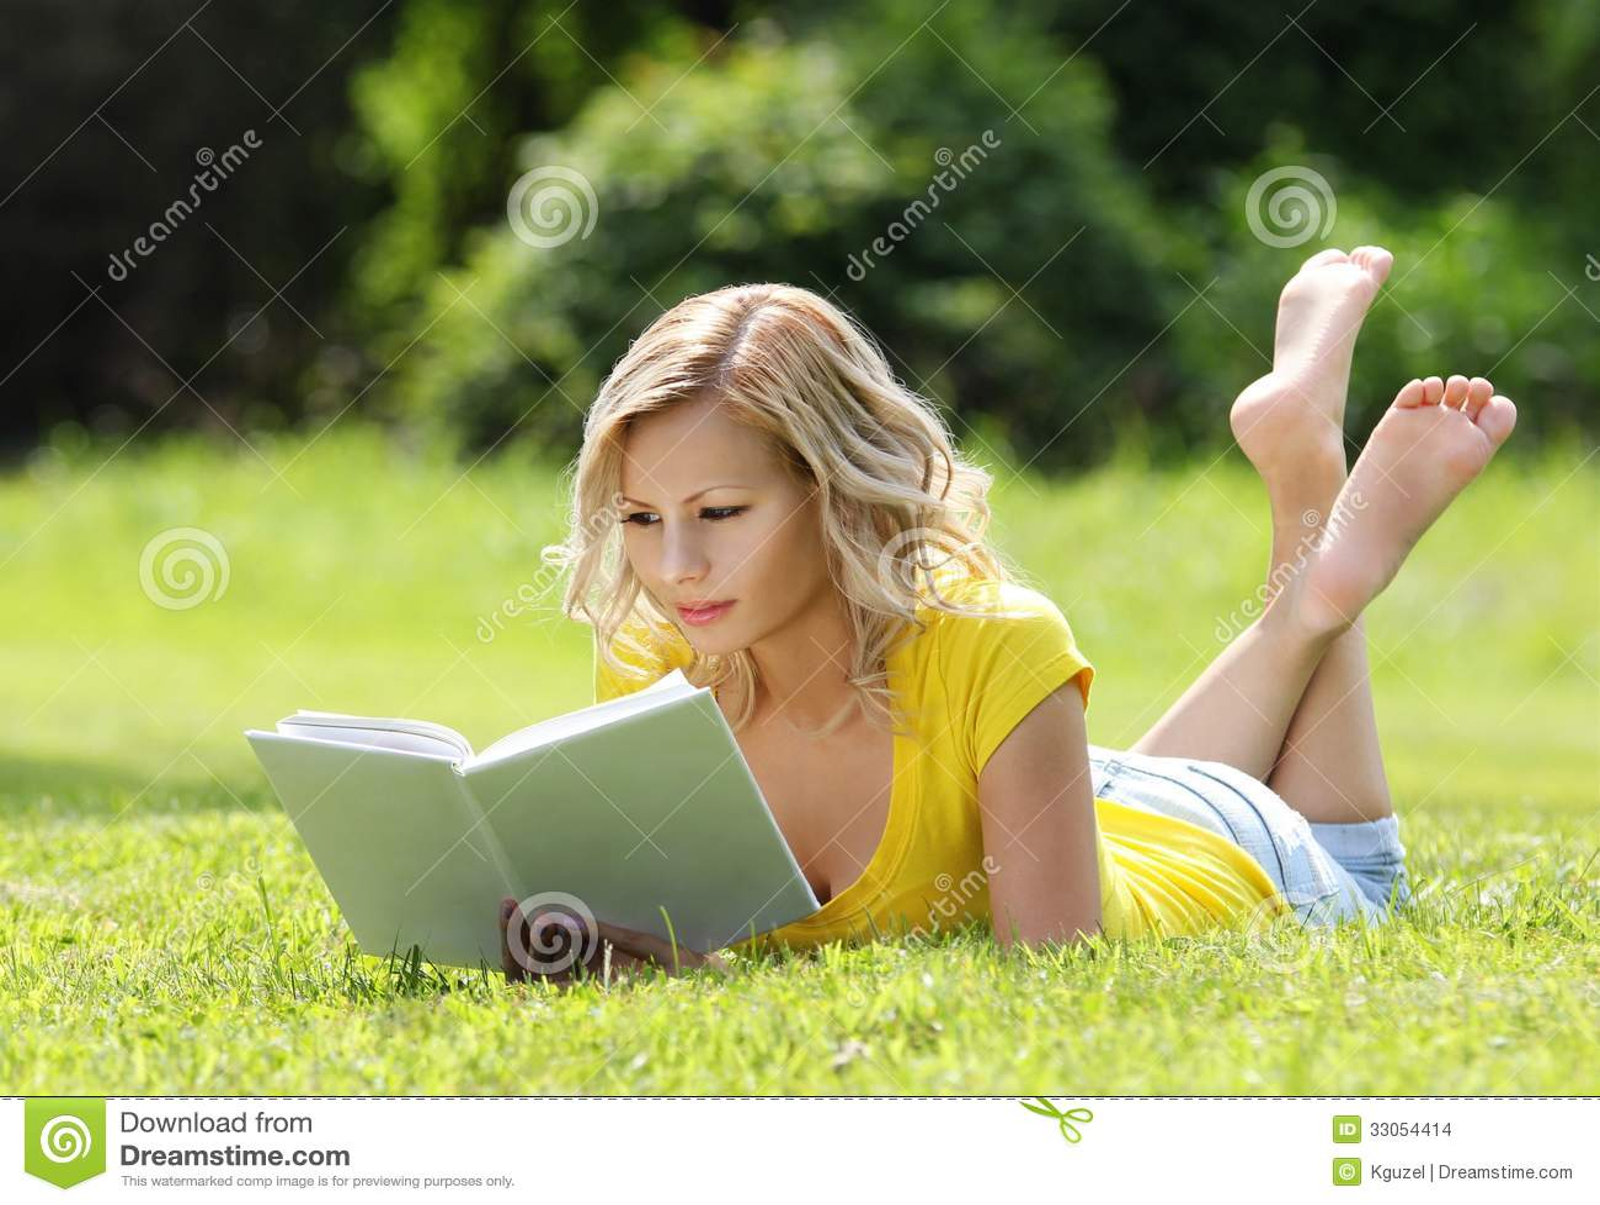 fille lisant le livre belle jeune femme blonde avec le livre se trouvant sur l 39 herbe ext rieur. Black Bedroom Furniture Sets. Home Design Ideas